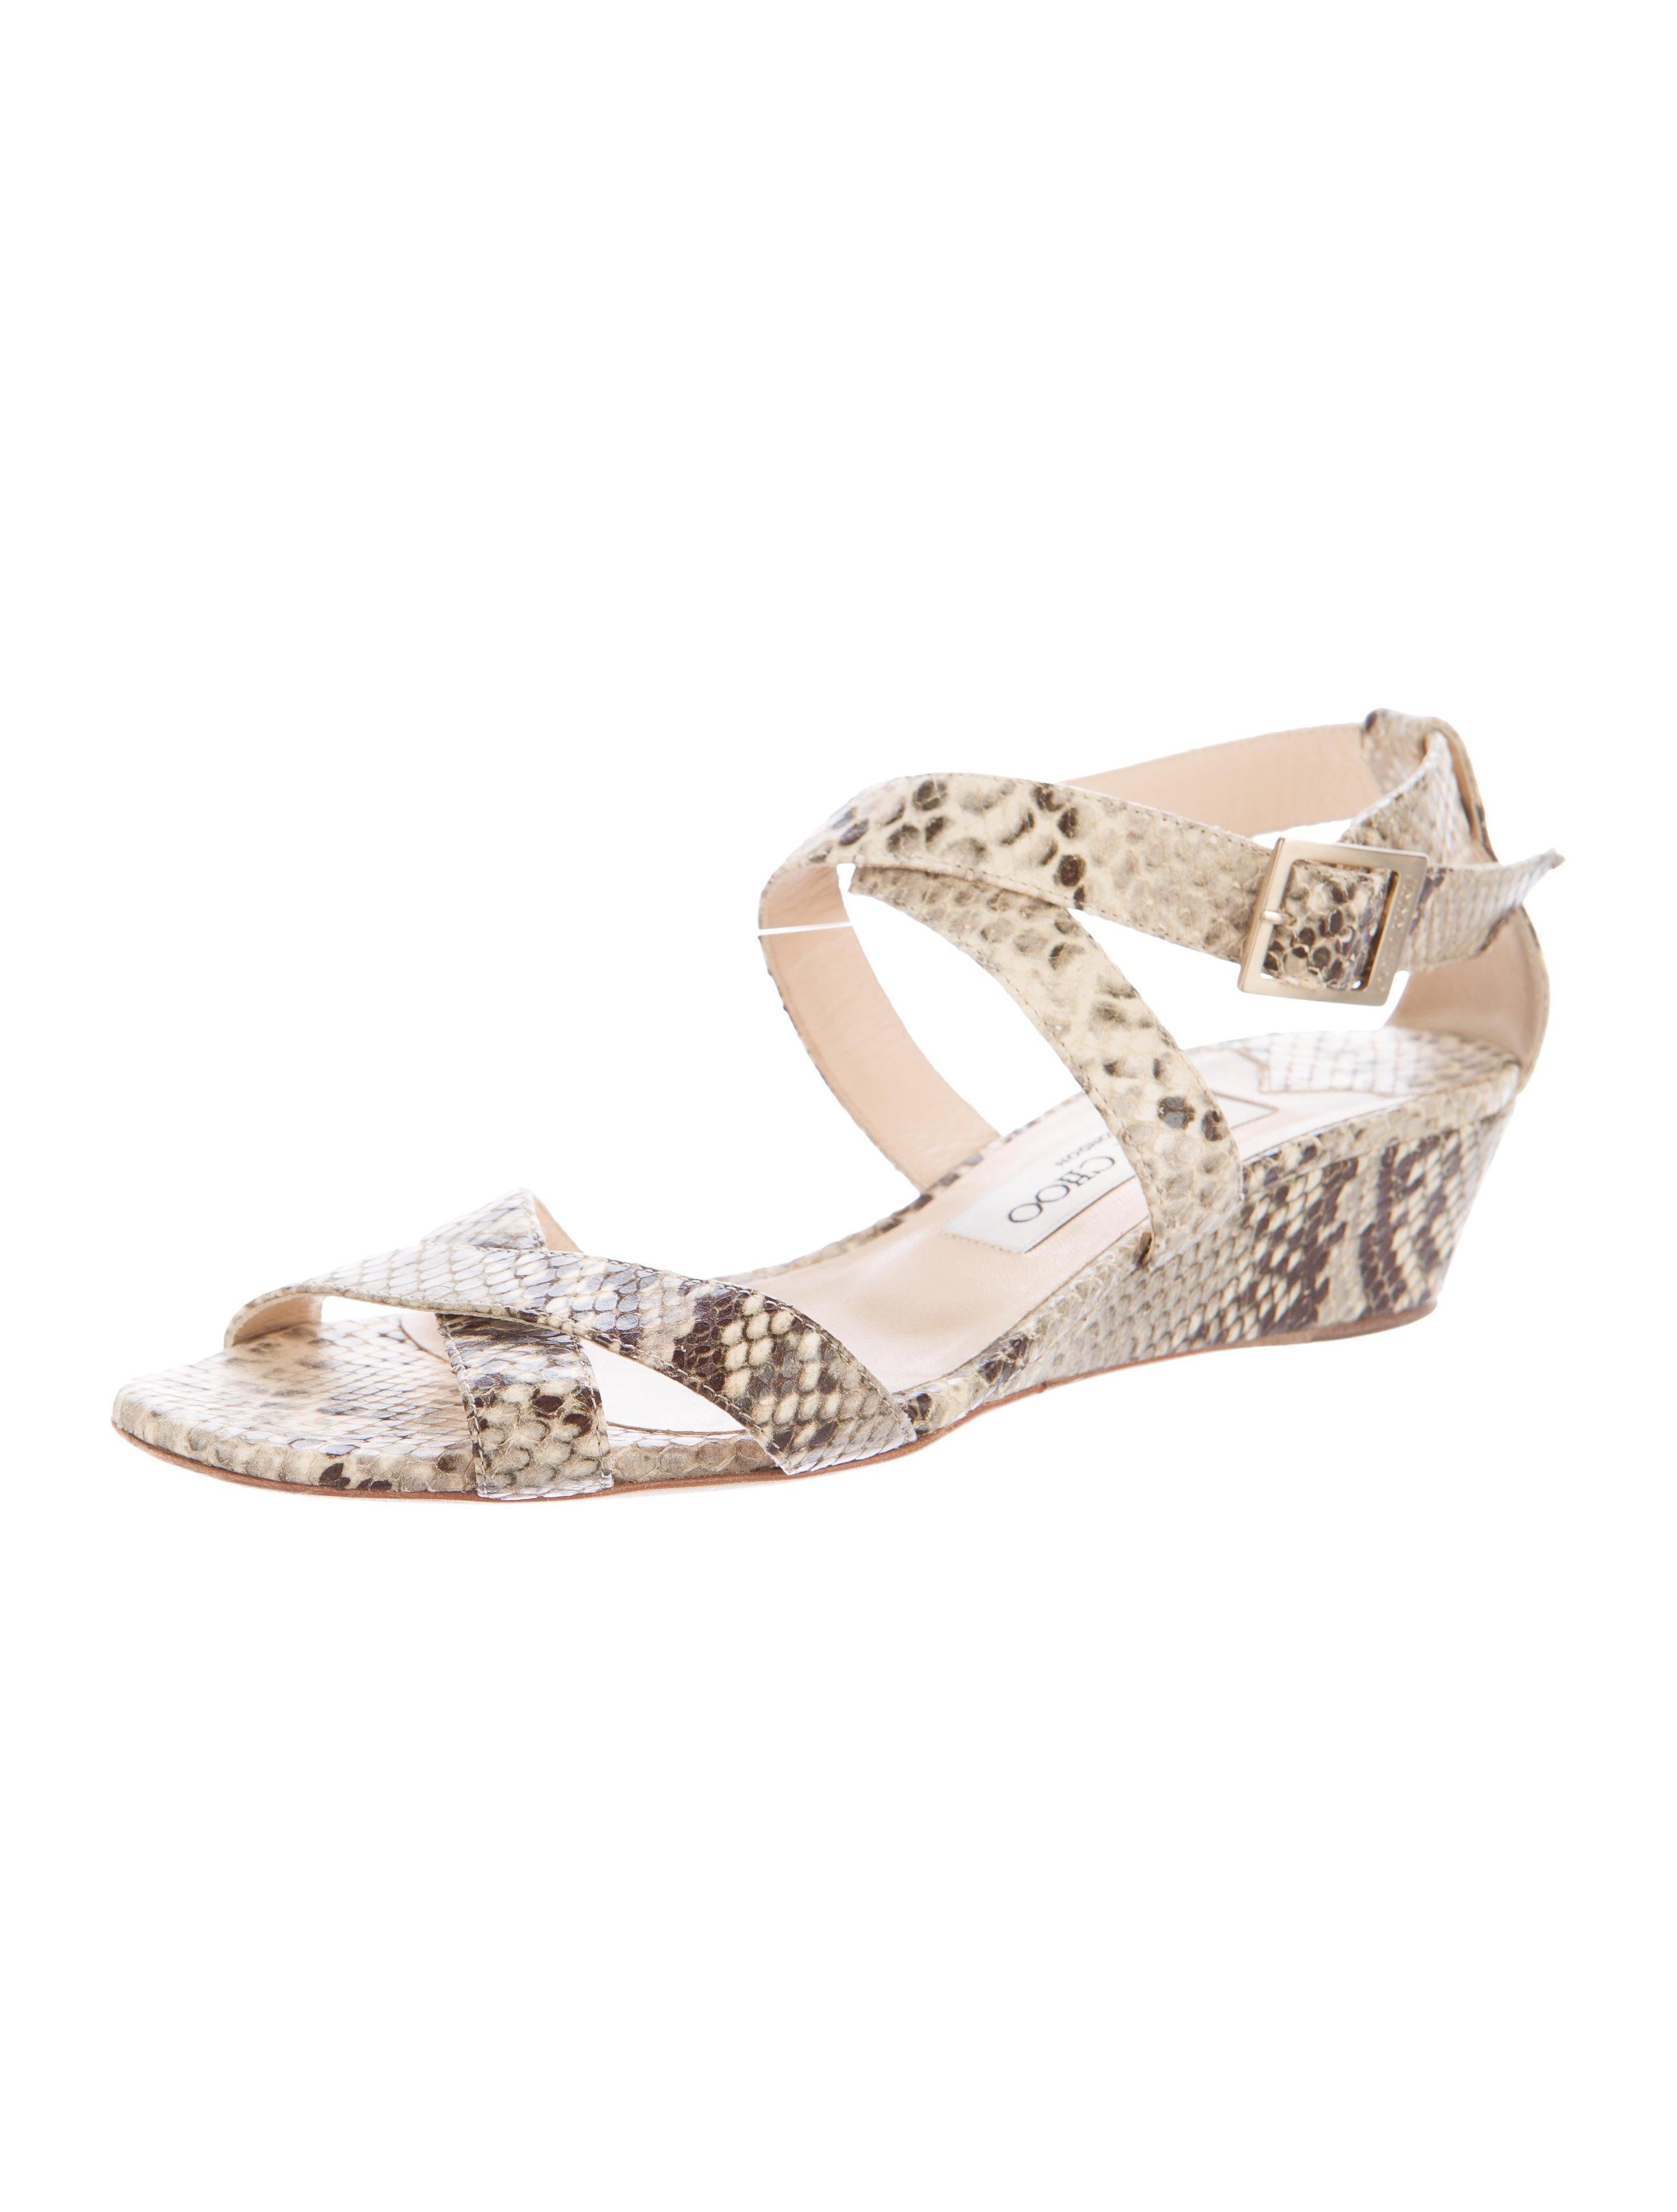 jimmy choo snakeskin wedge sandals shoes jim62150